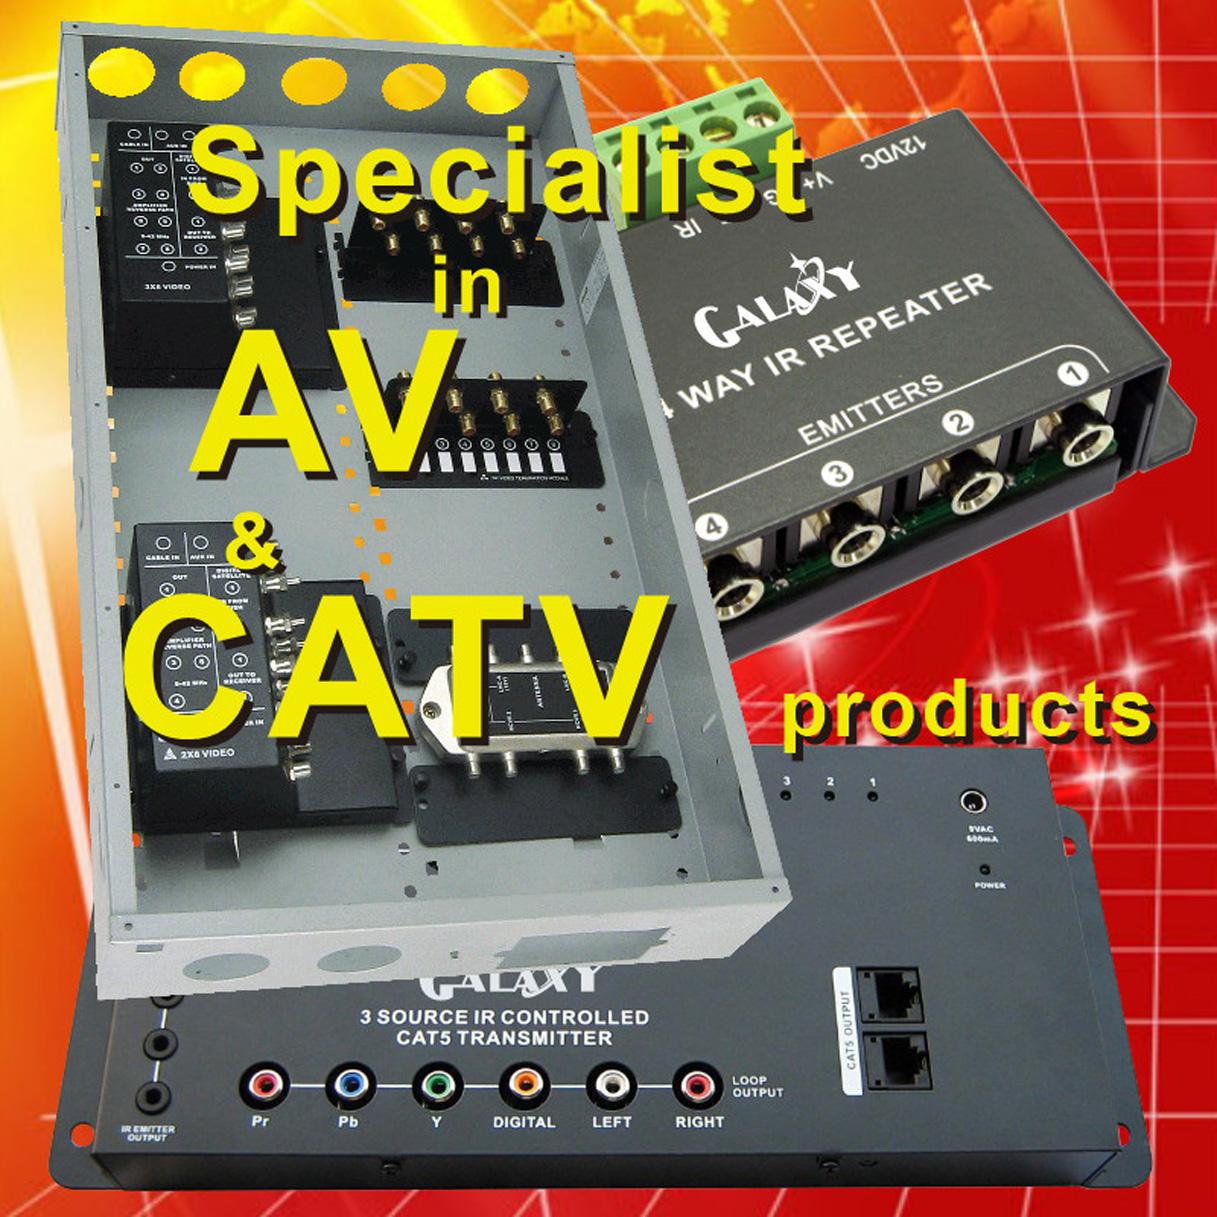 Specialist in AV  CATV